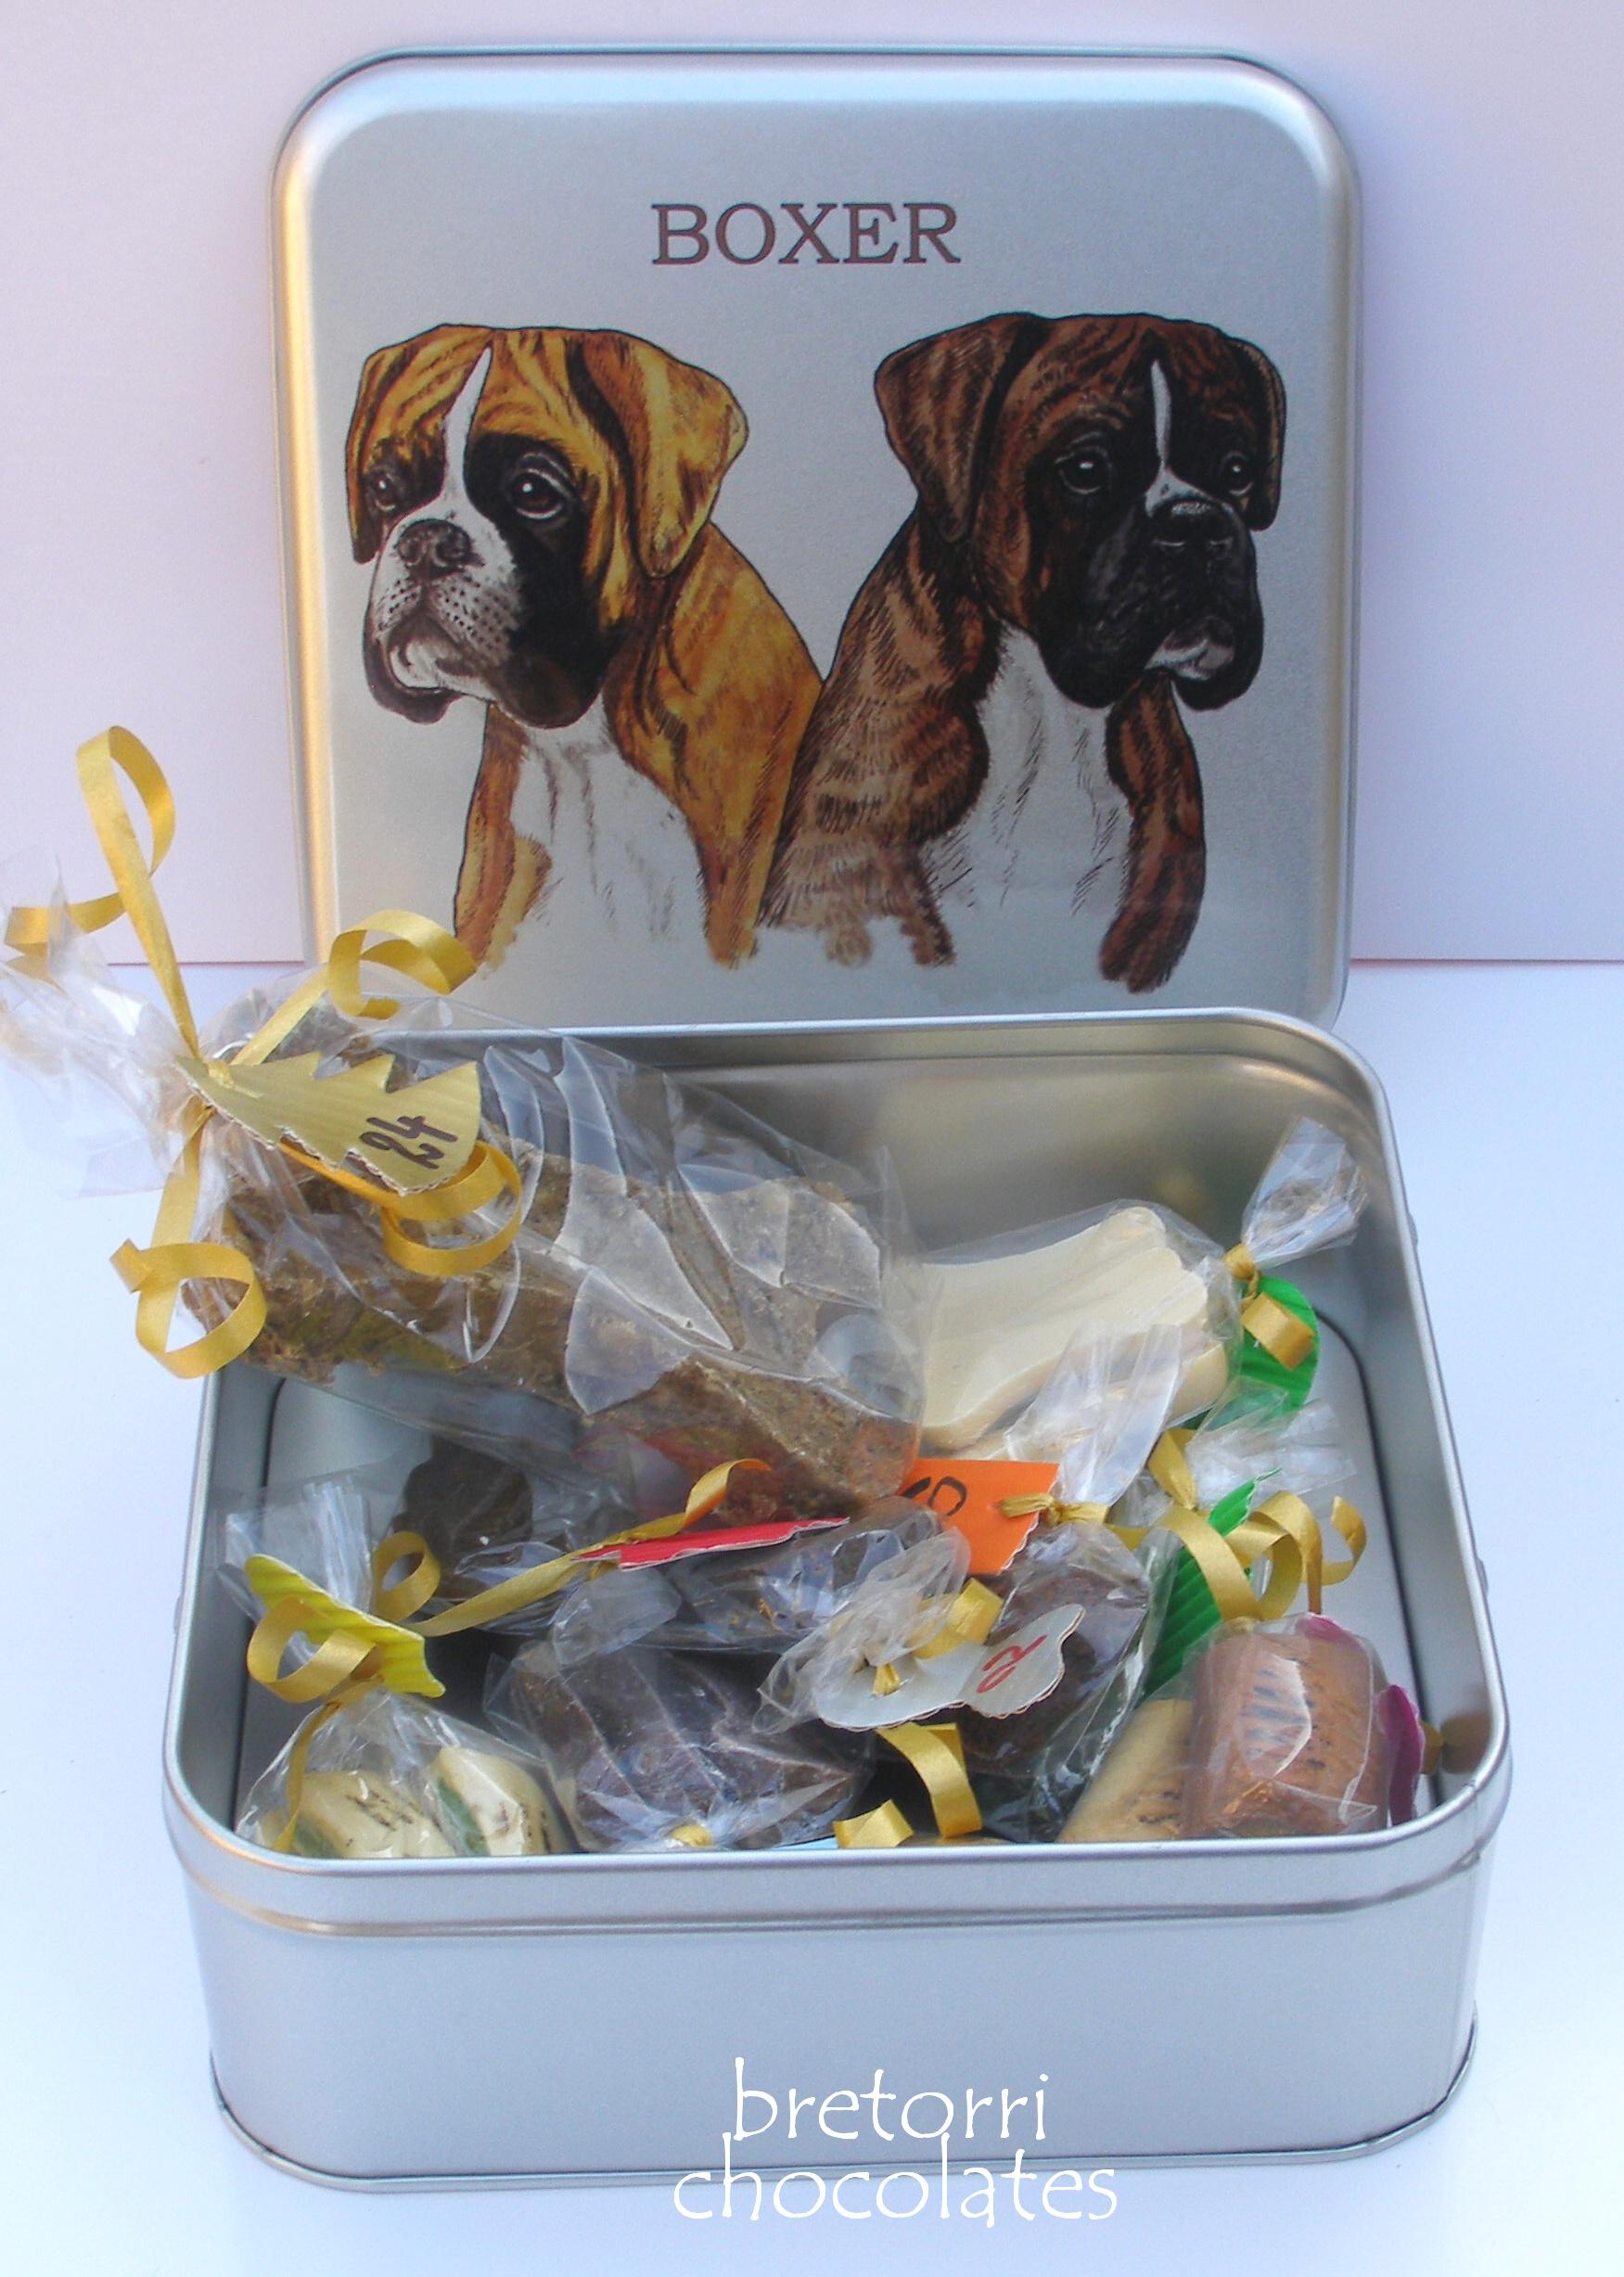 Boxer - adventní kalendář pro psy 33 kusů pamlsků / 550 g